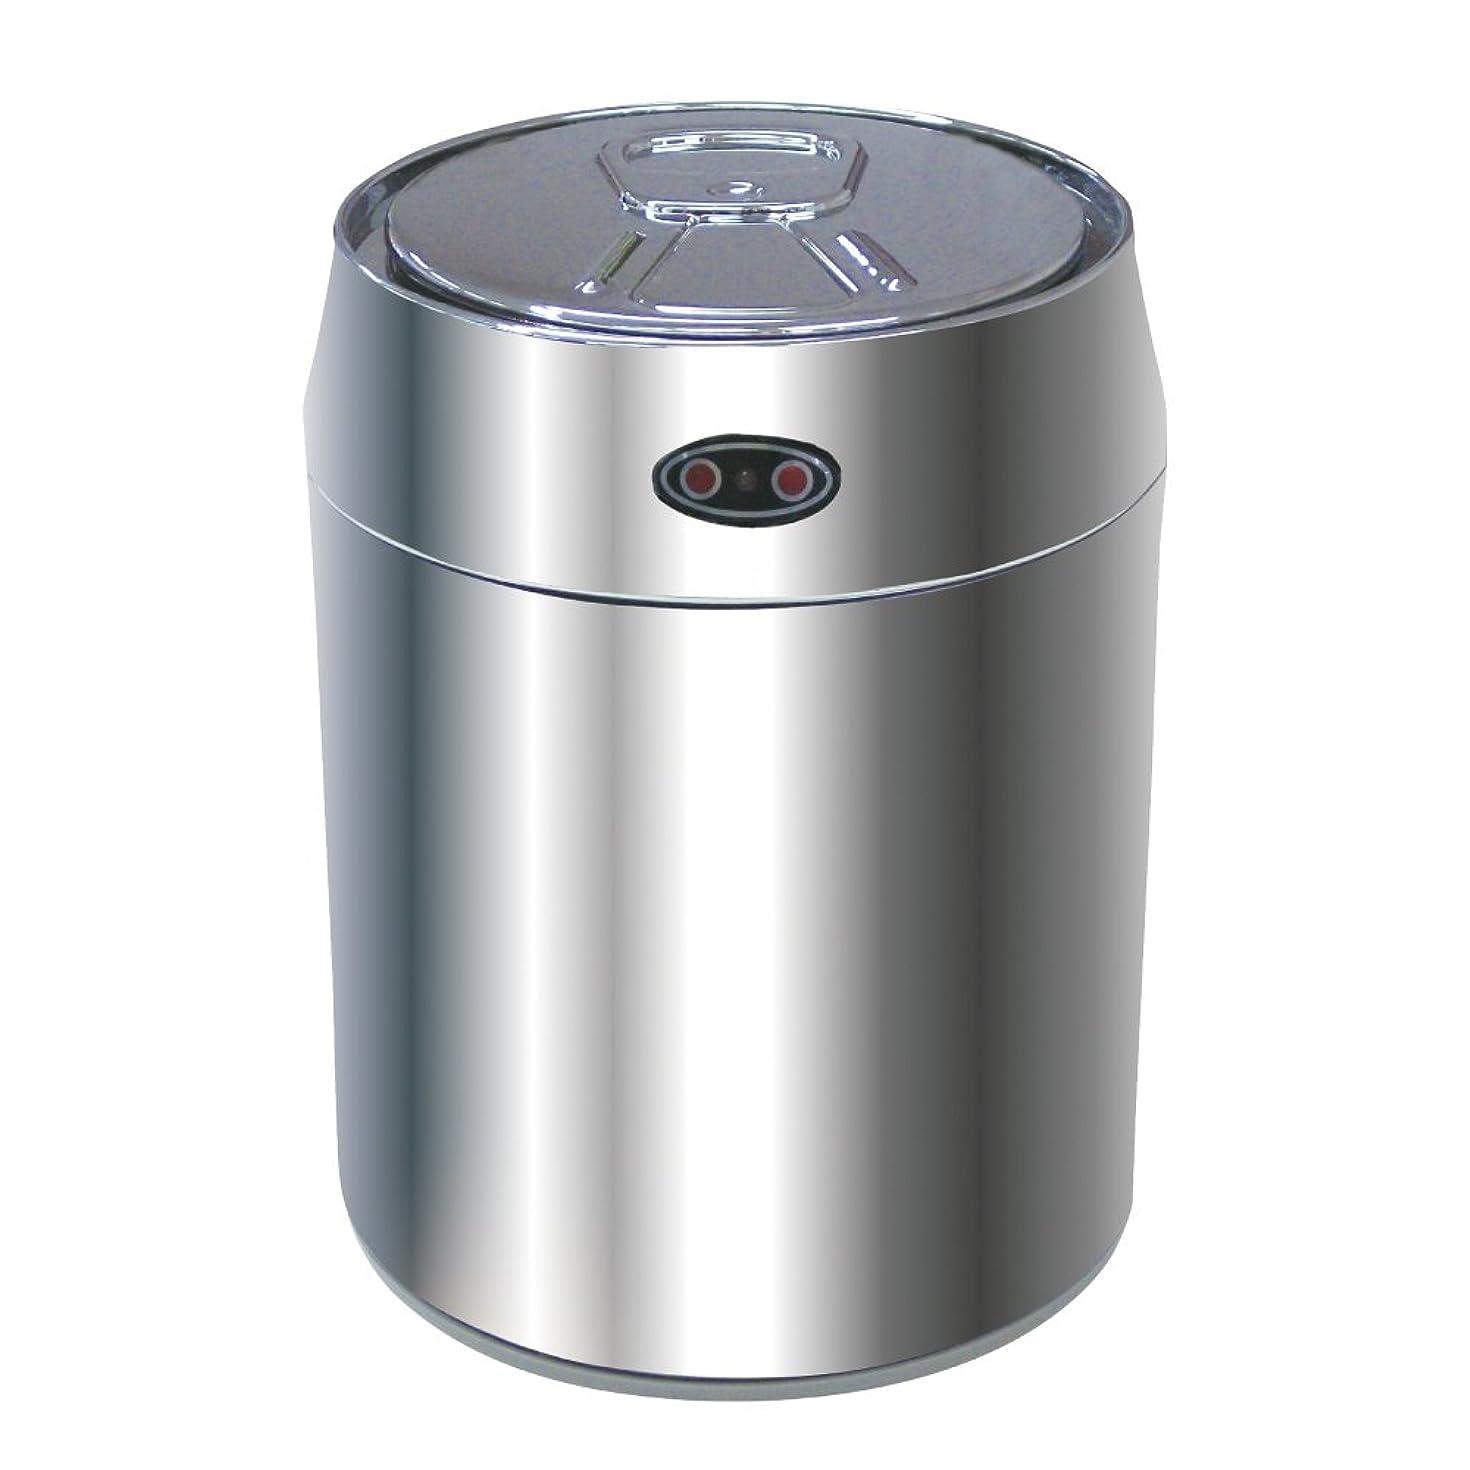 クラッチ道を作るコーン森本産業 ゴミ箱 缶型 ダストボックス センサー式 シルバー RM-5322